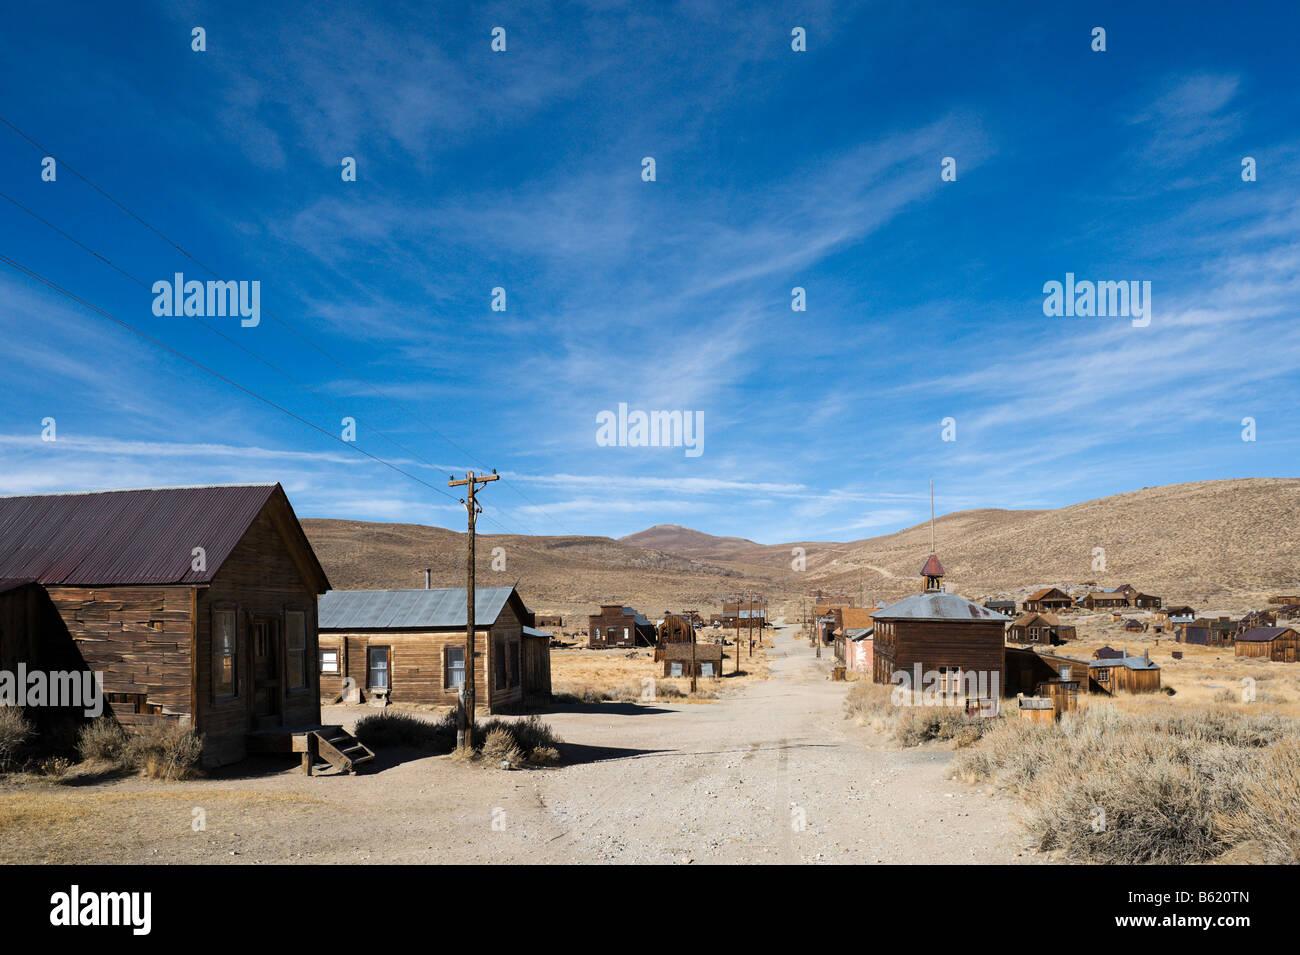 Dans la rue verte 19thC gold mining ville fantôme de Bodie, près de Bridgeport, la Sierra Nevada, en Californie, Photo Stock